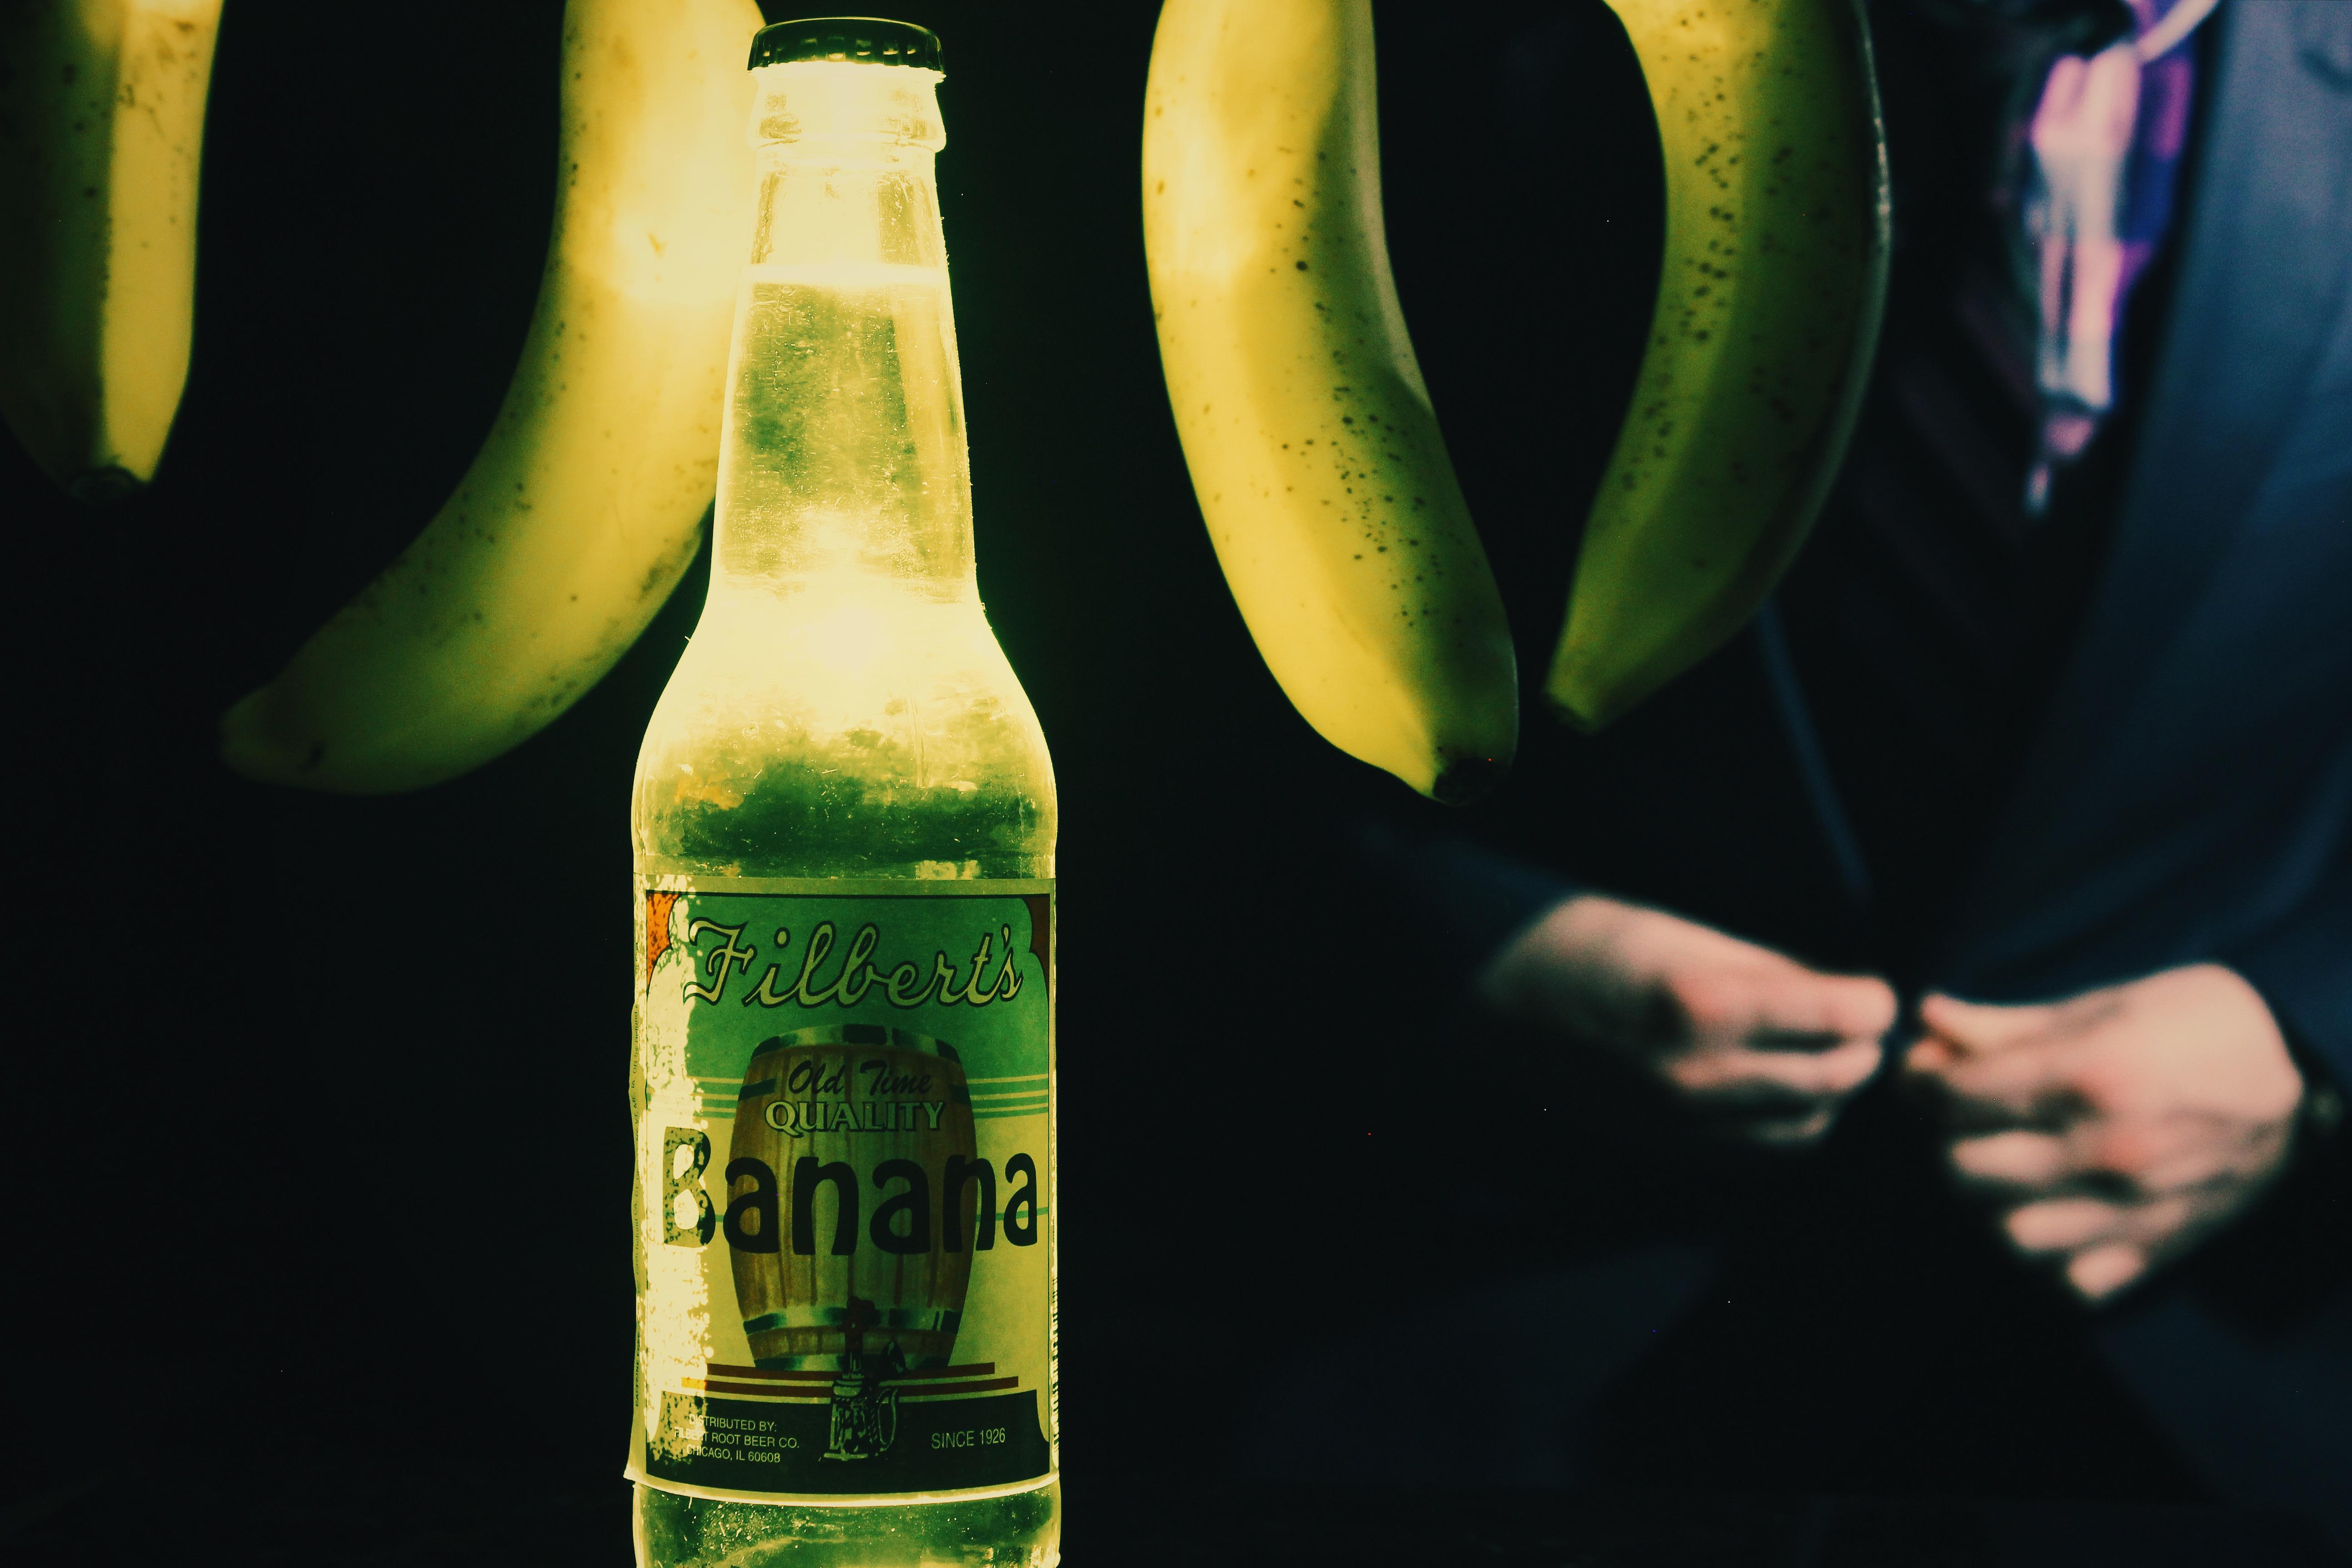 Filbert's: Banana